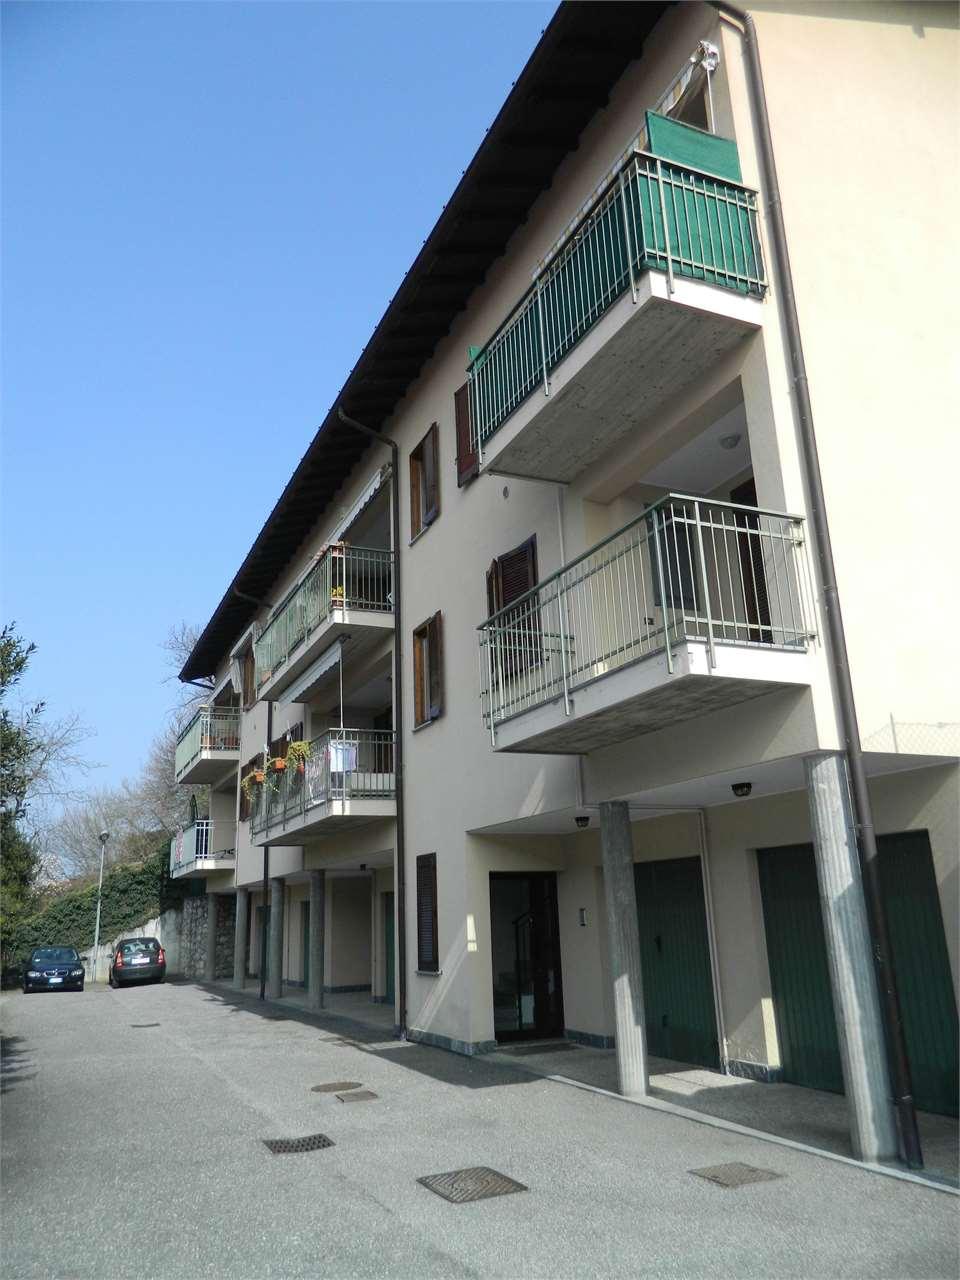 Appartamento in affitto a Besozzo, 3 locali, zona ana, prezzo € 650   PortaleAgenzieImmobiliari.it